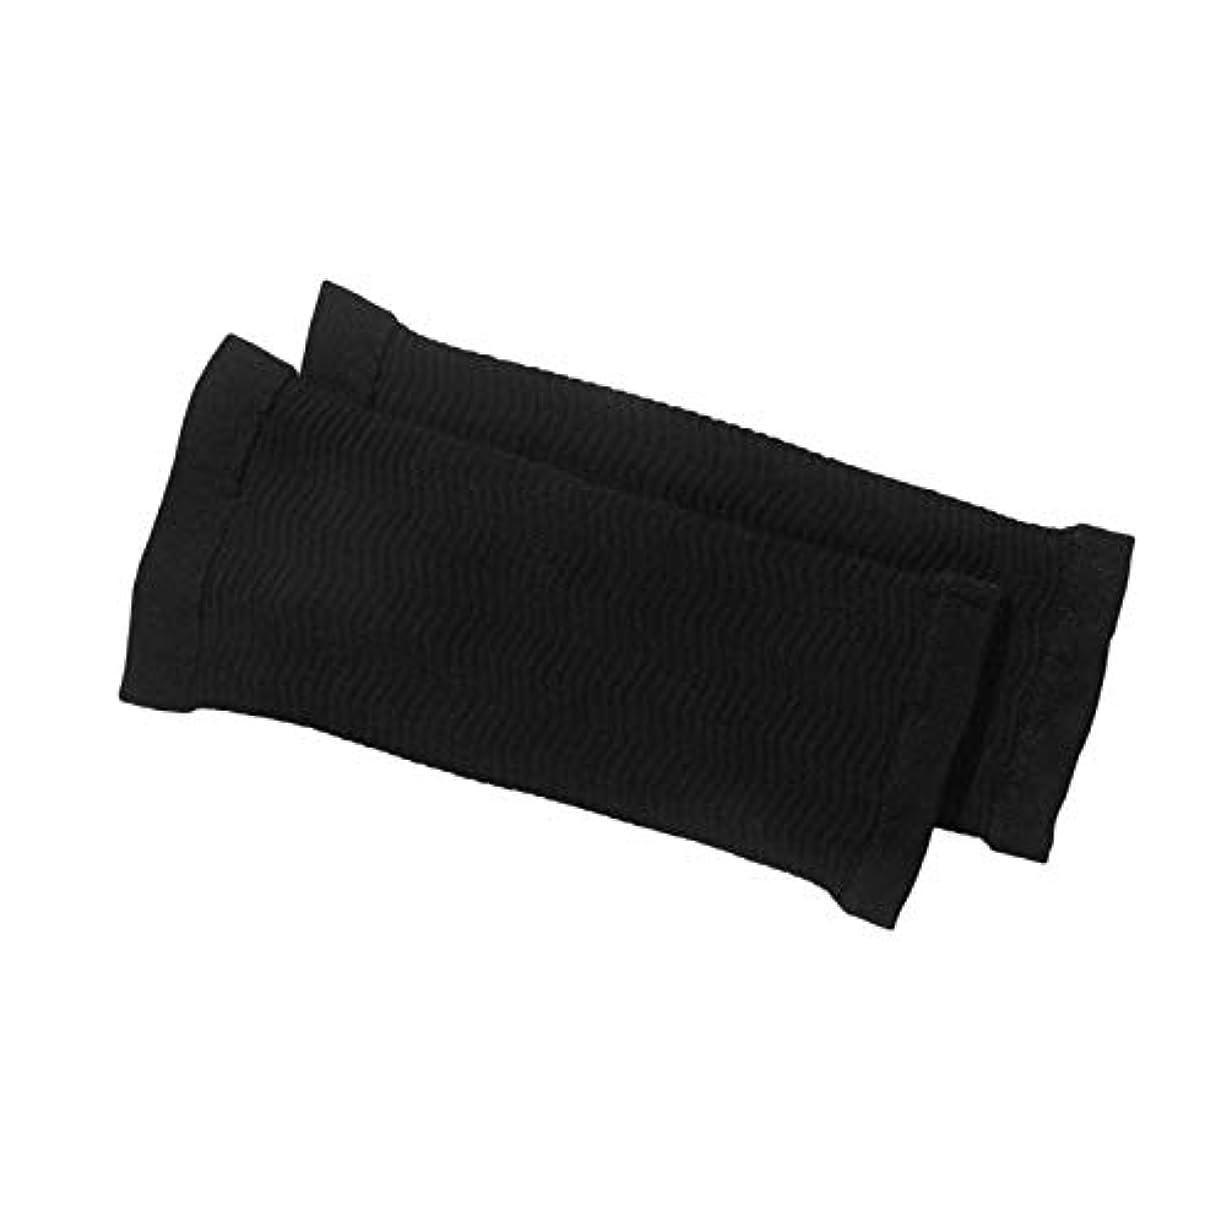 花朝仮定する1ペア420 D圧縮痩身アームスリーブワークアウトトーニングバーンセルライトシェイパー脂肪燃焼袖用女性 - 黒